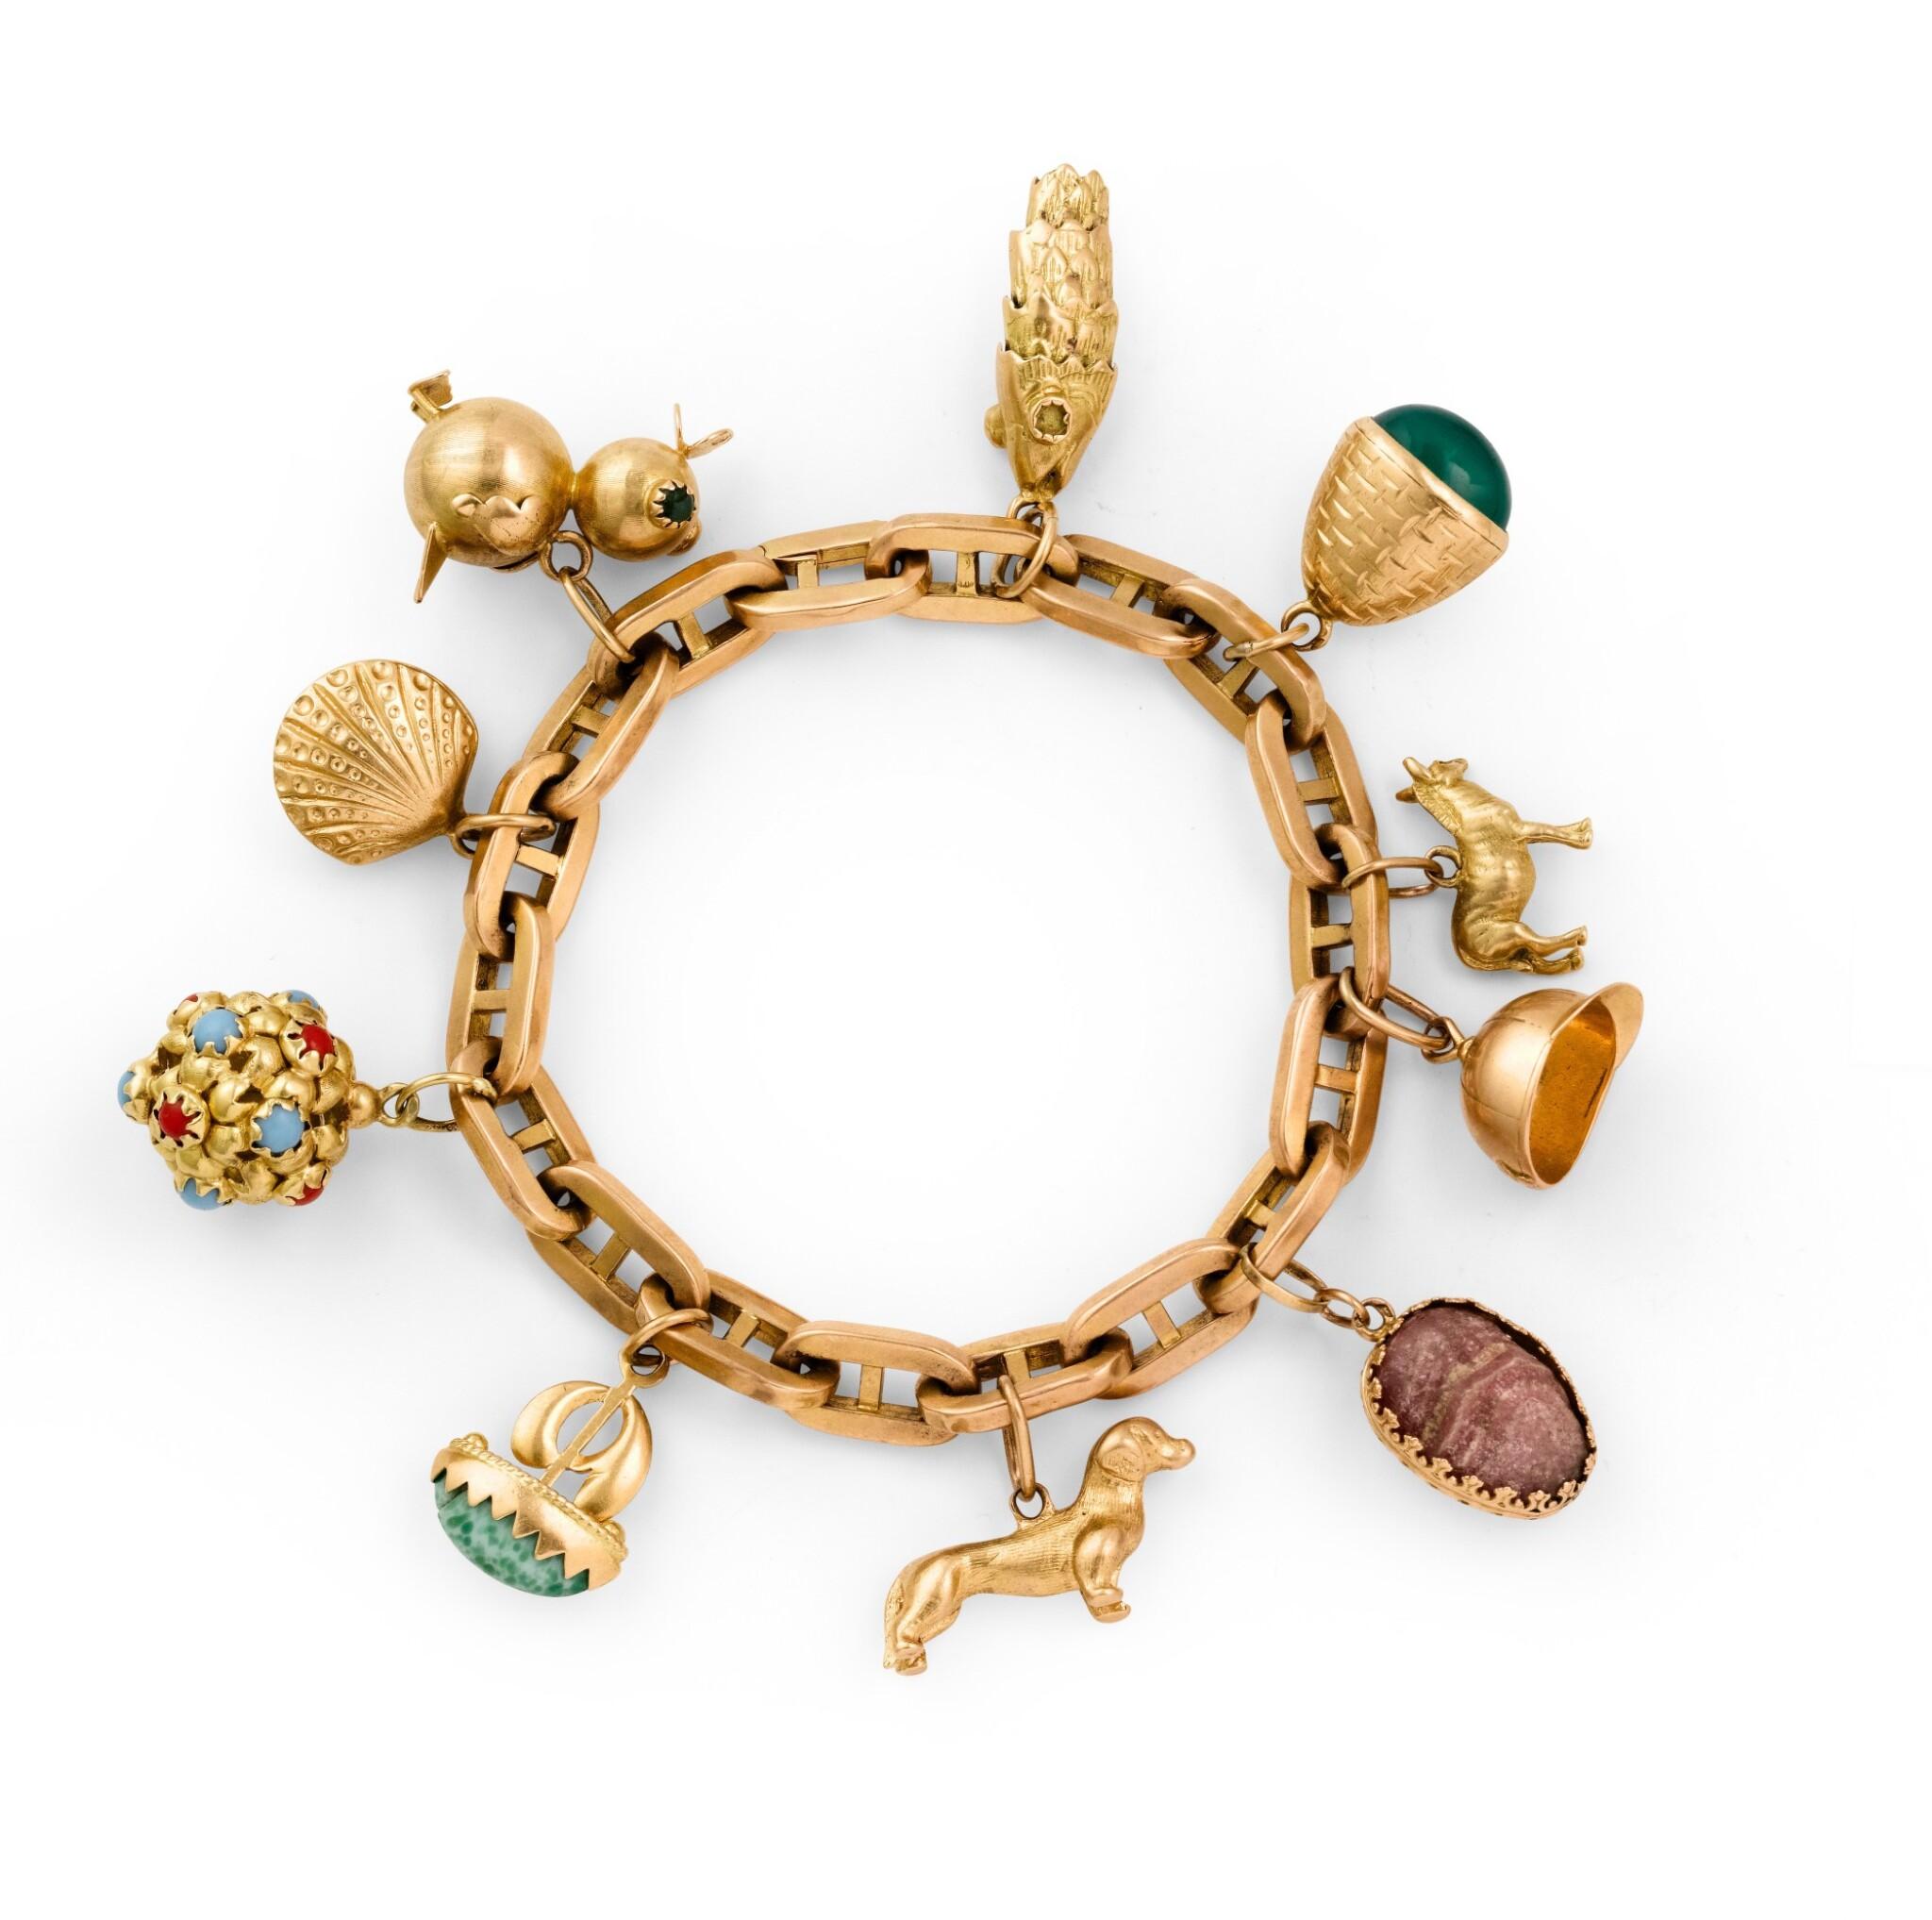 Gem-set charm-bracelet [Bracelet or et pierres de couleur], 1940s [vers 1940]